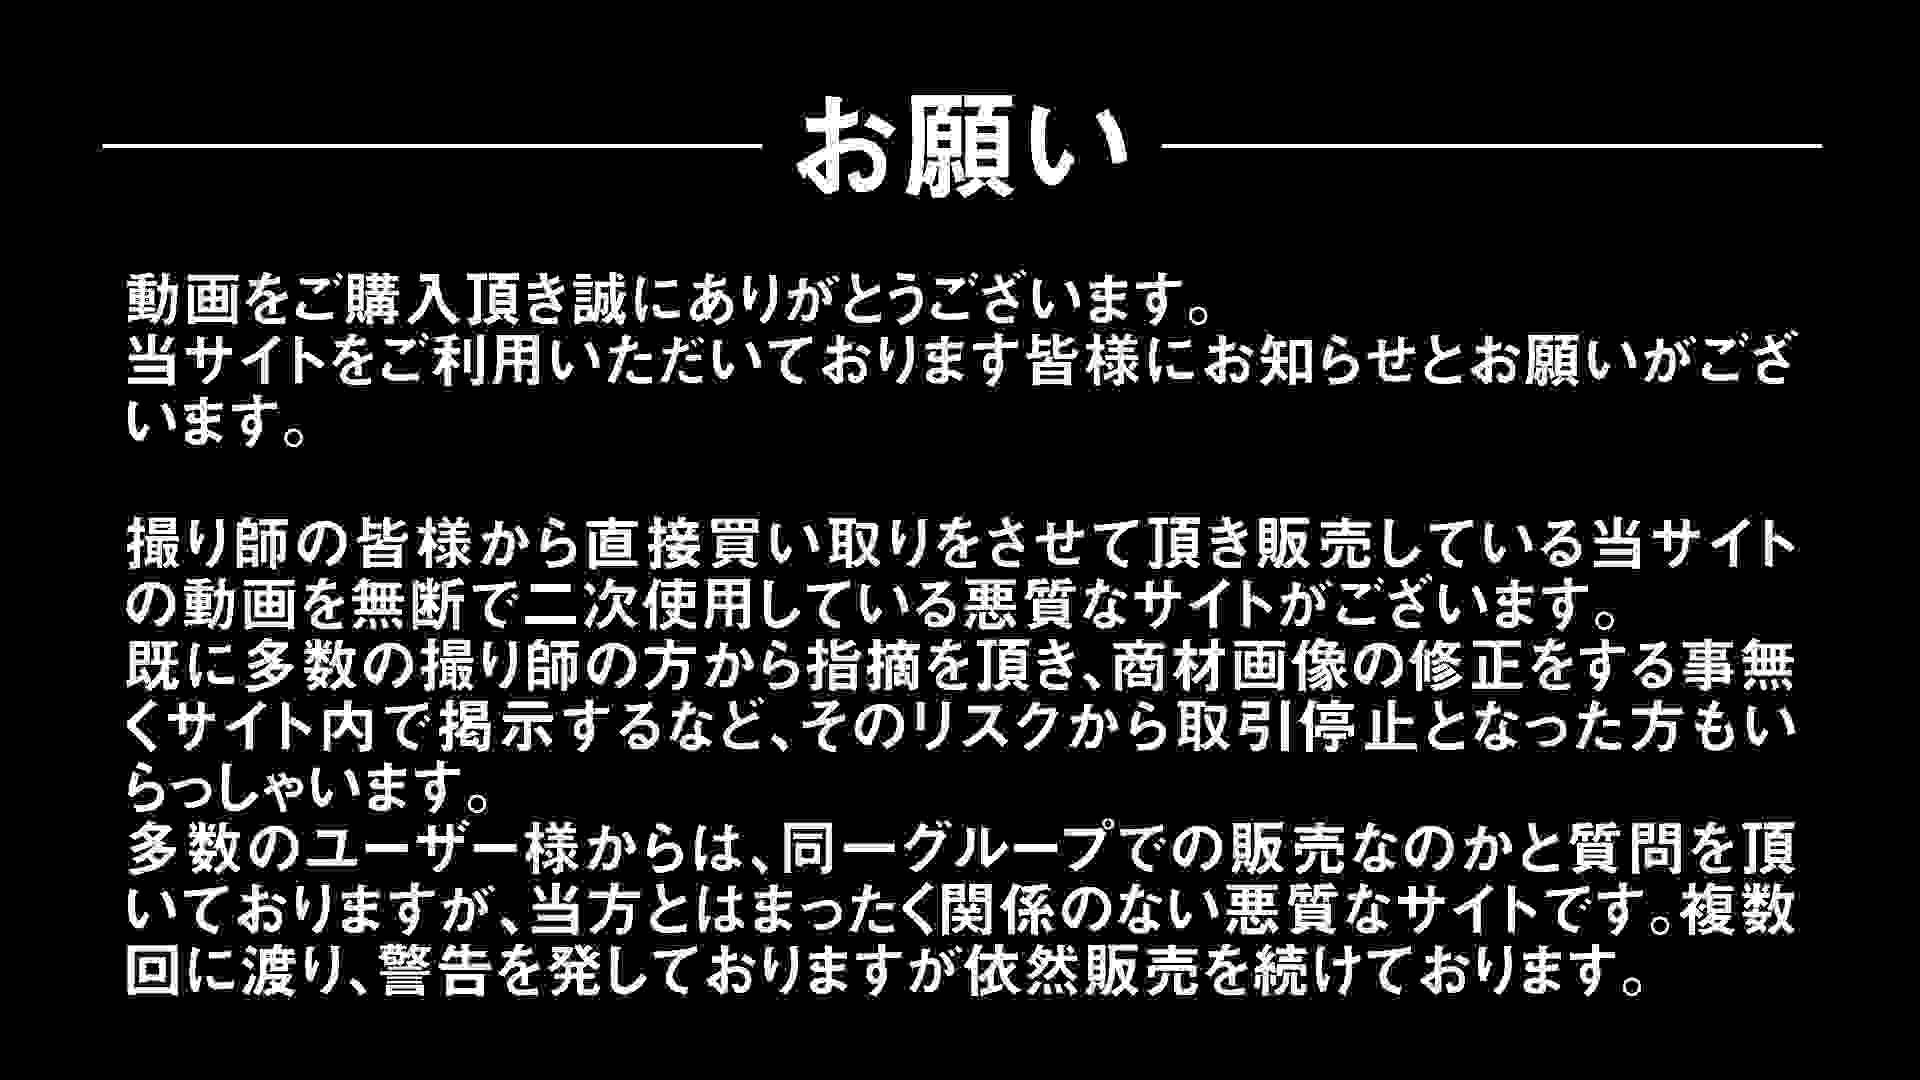 Aquaな露天風呂Vol.300 盗撮シリーズ  110PIX 2